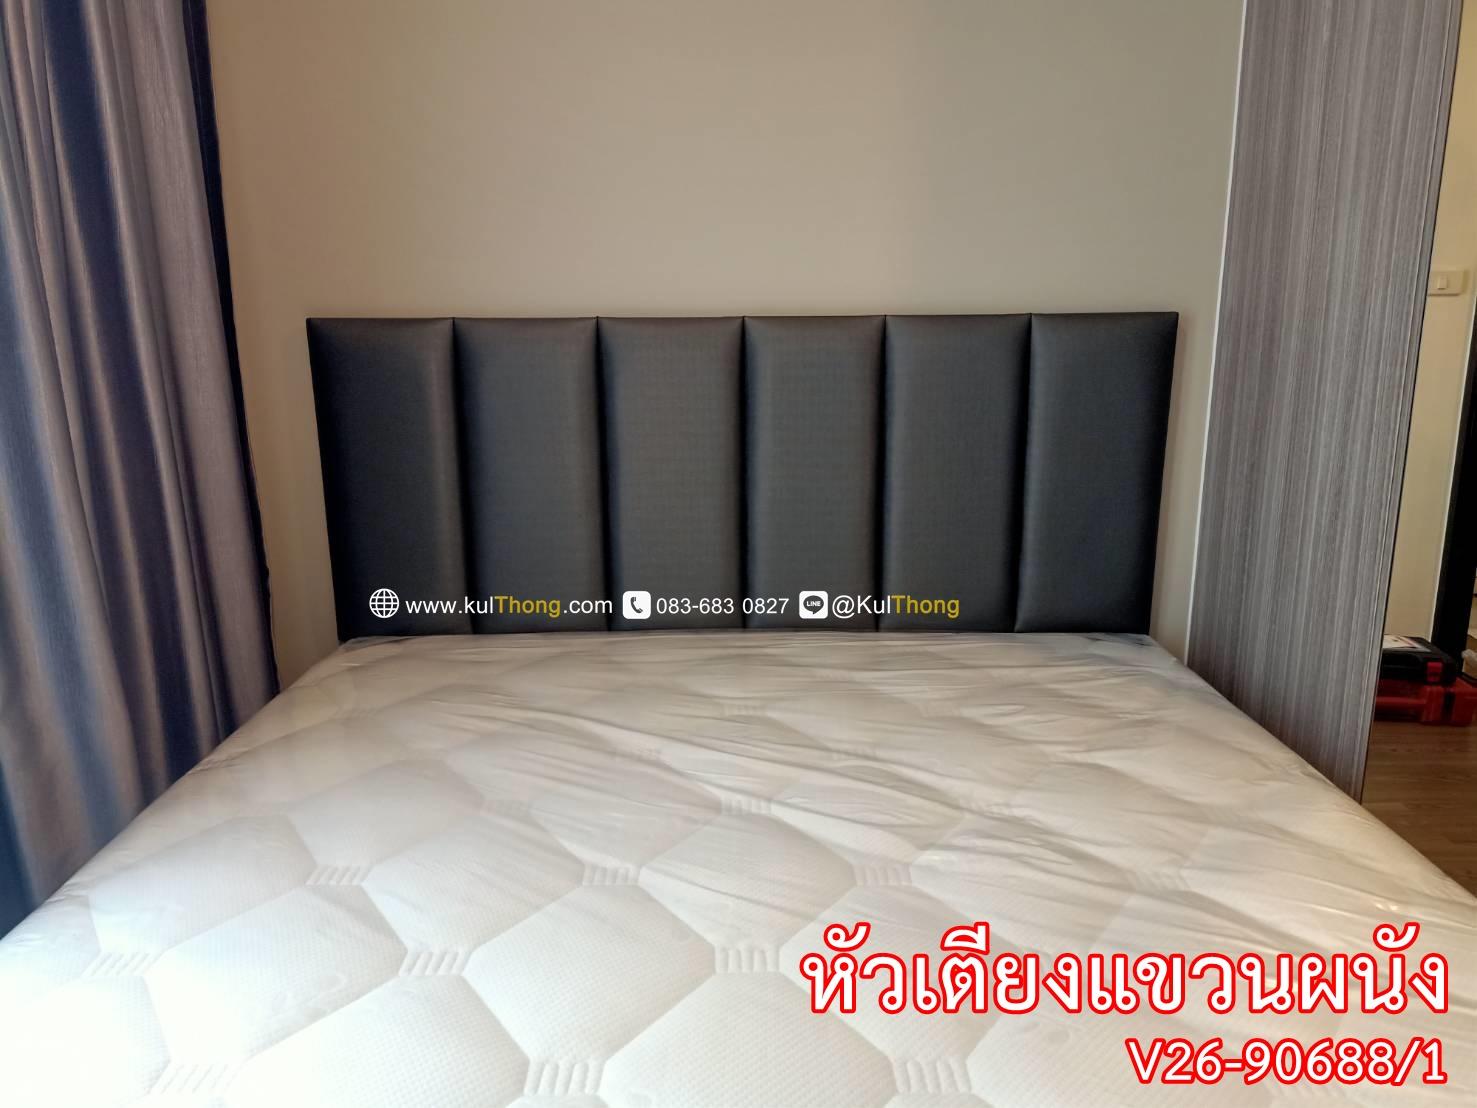 ผนังหัวเตียง หัวเตียงแขวนผนัง หัวเตียงอย่างเดียว